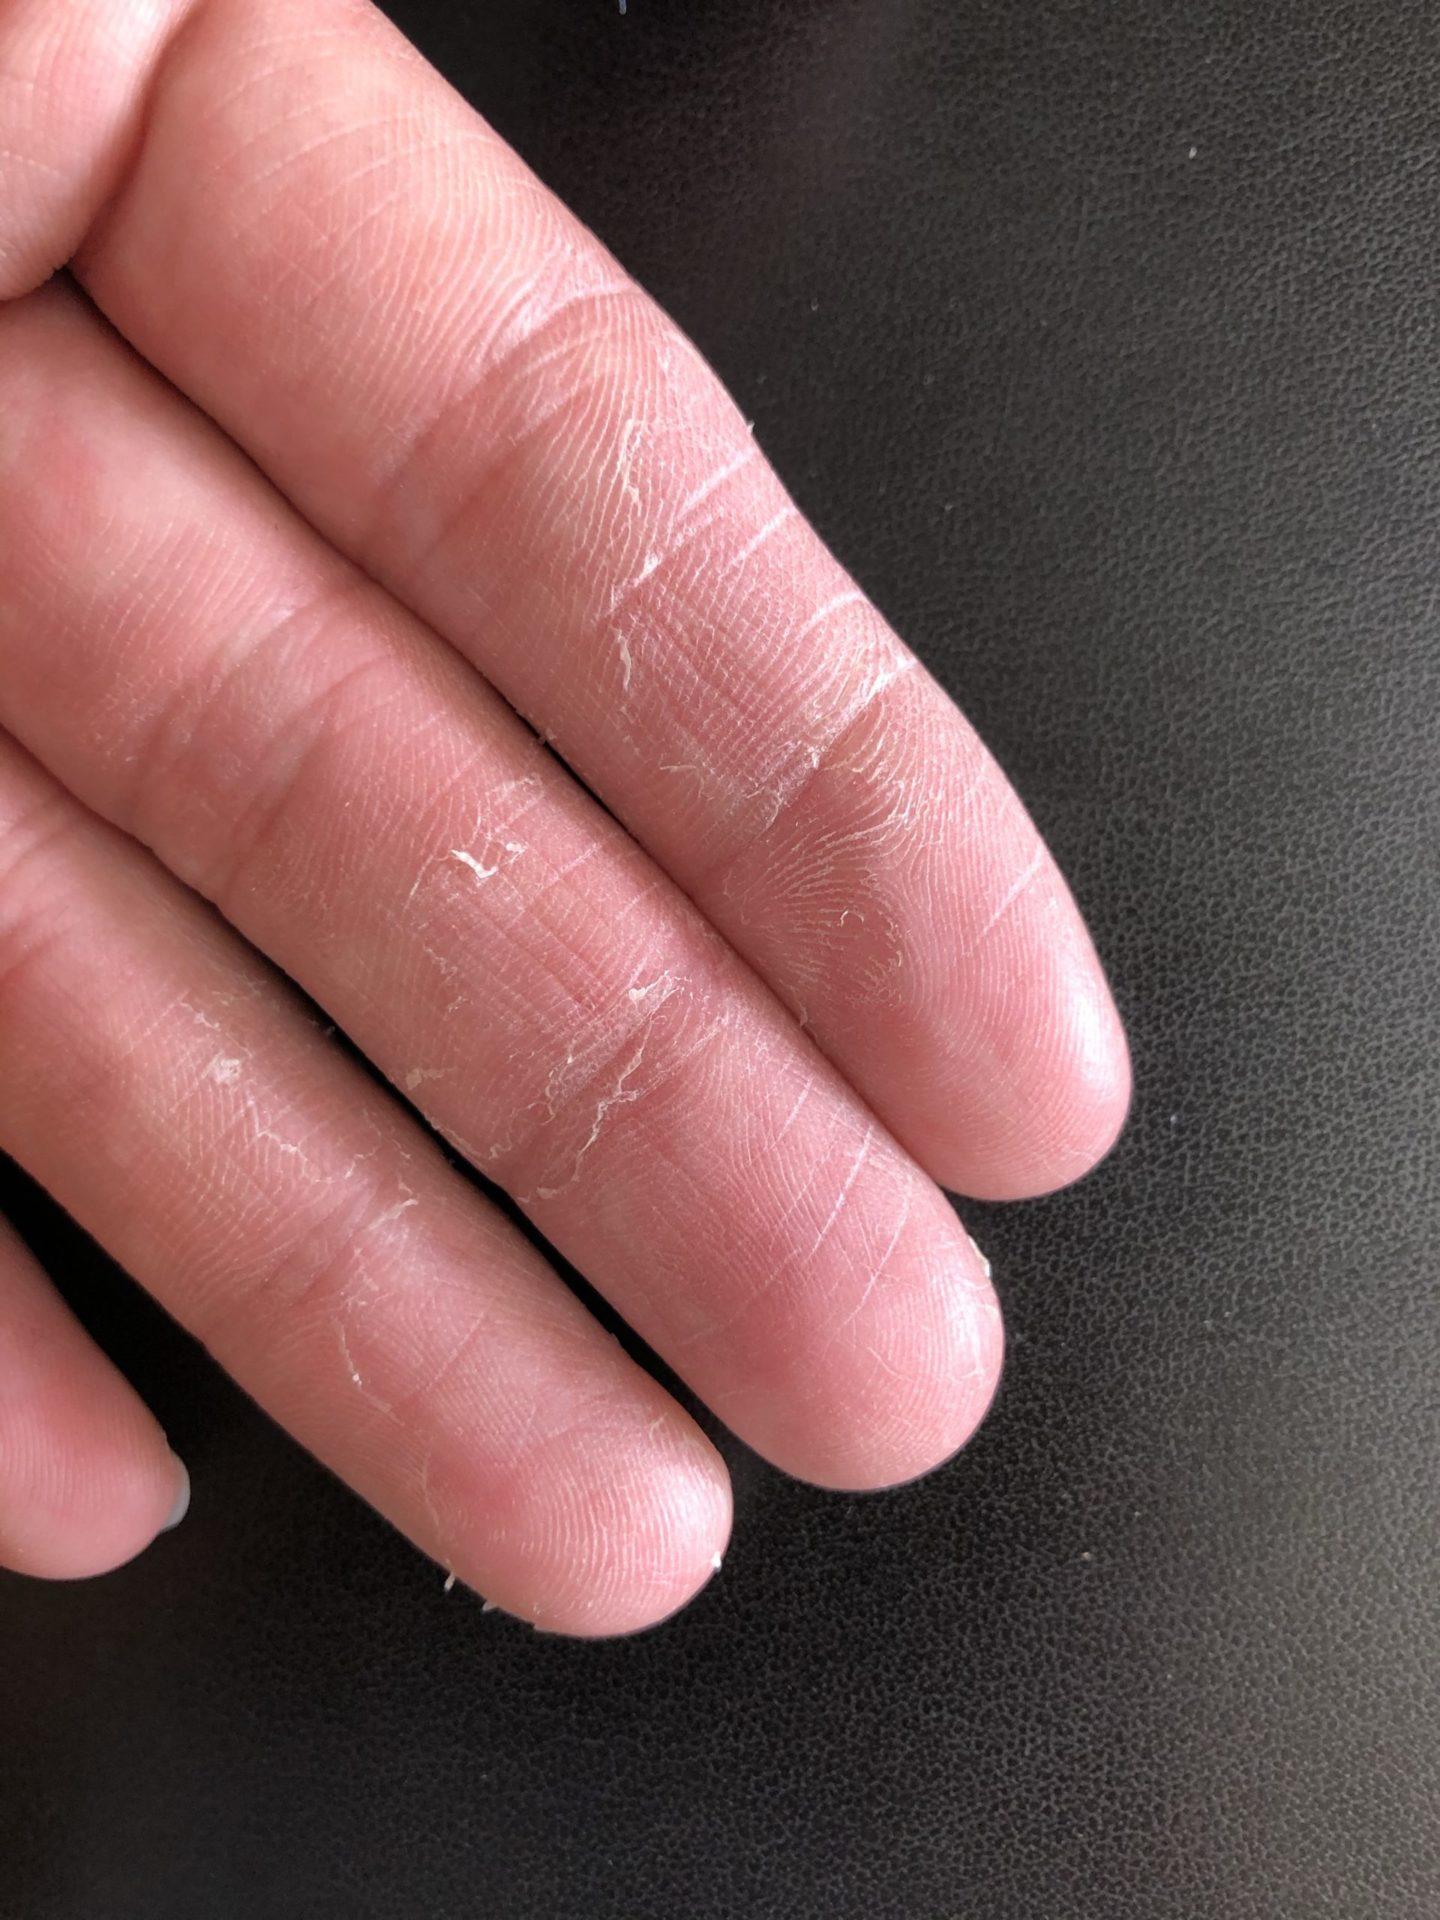 の 剥ける 指先 皮